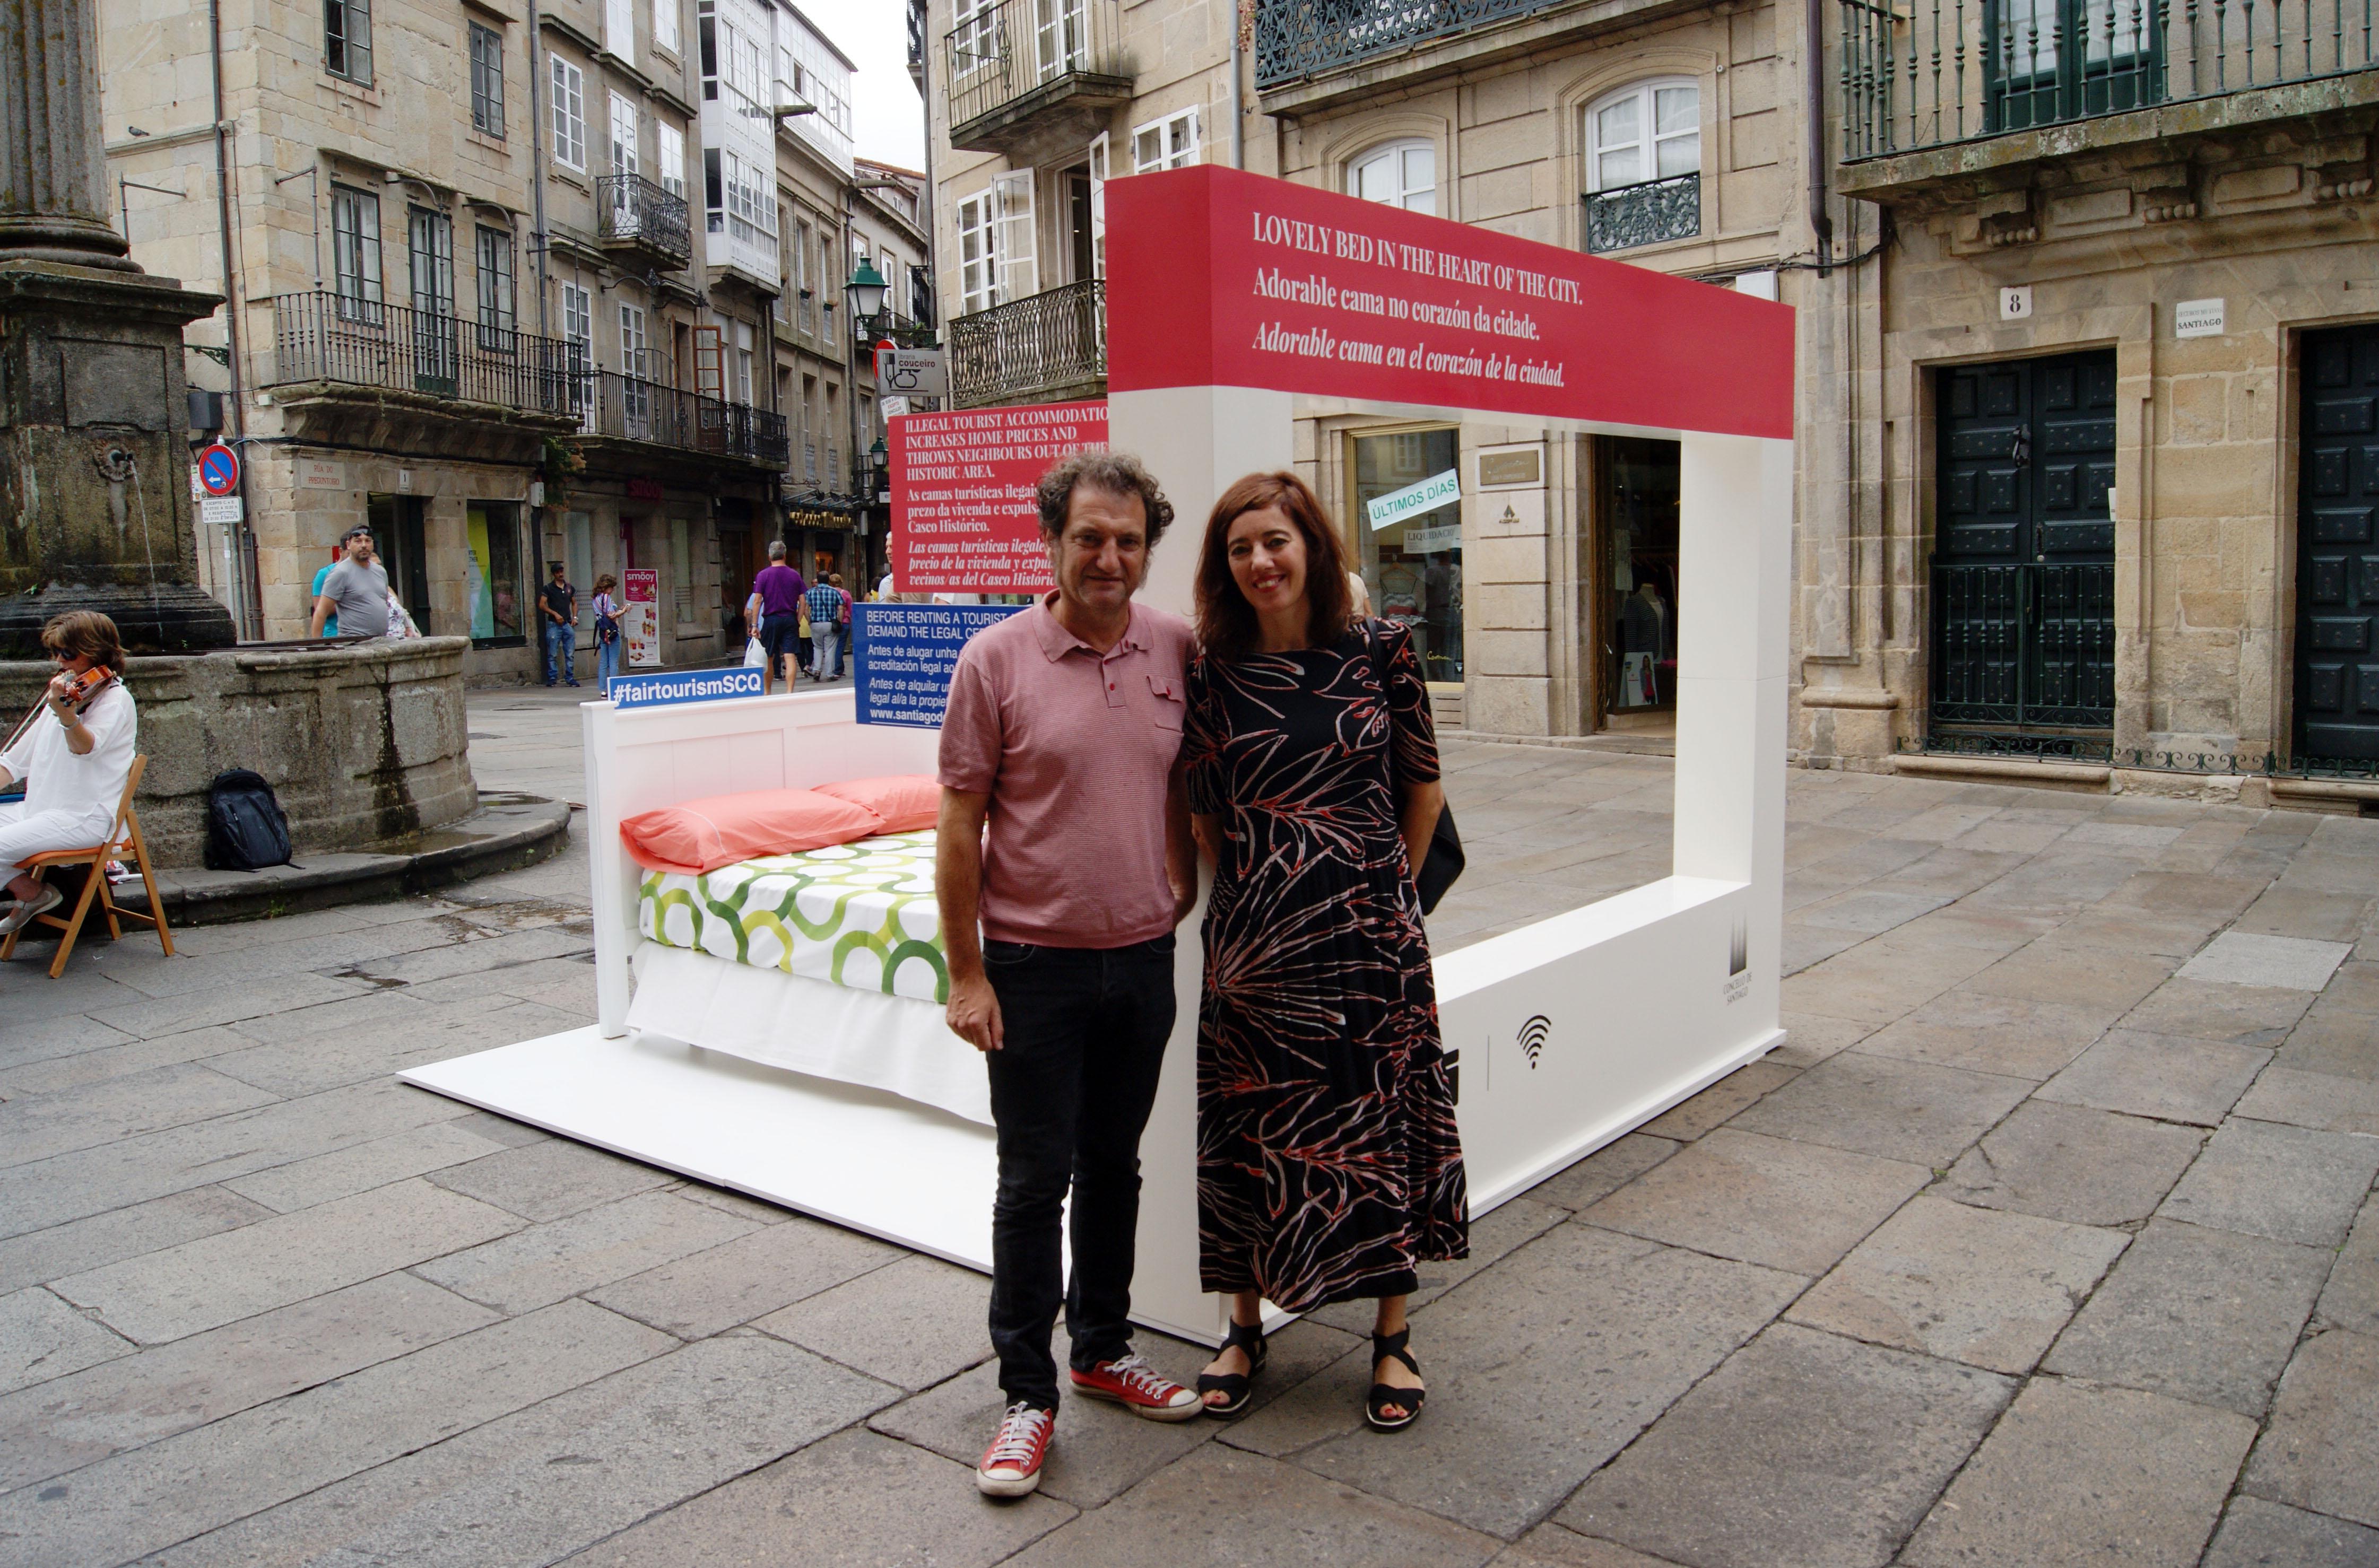 Remata a campaña de concienciación sobre os pisos turísticos cunha acción de rúa en Cervantes